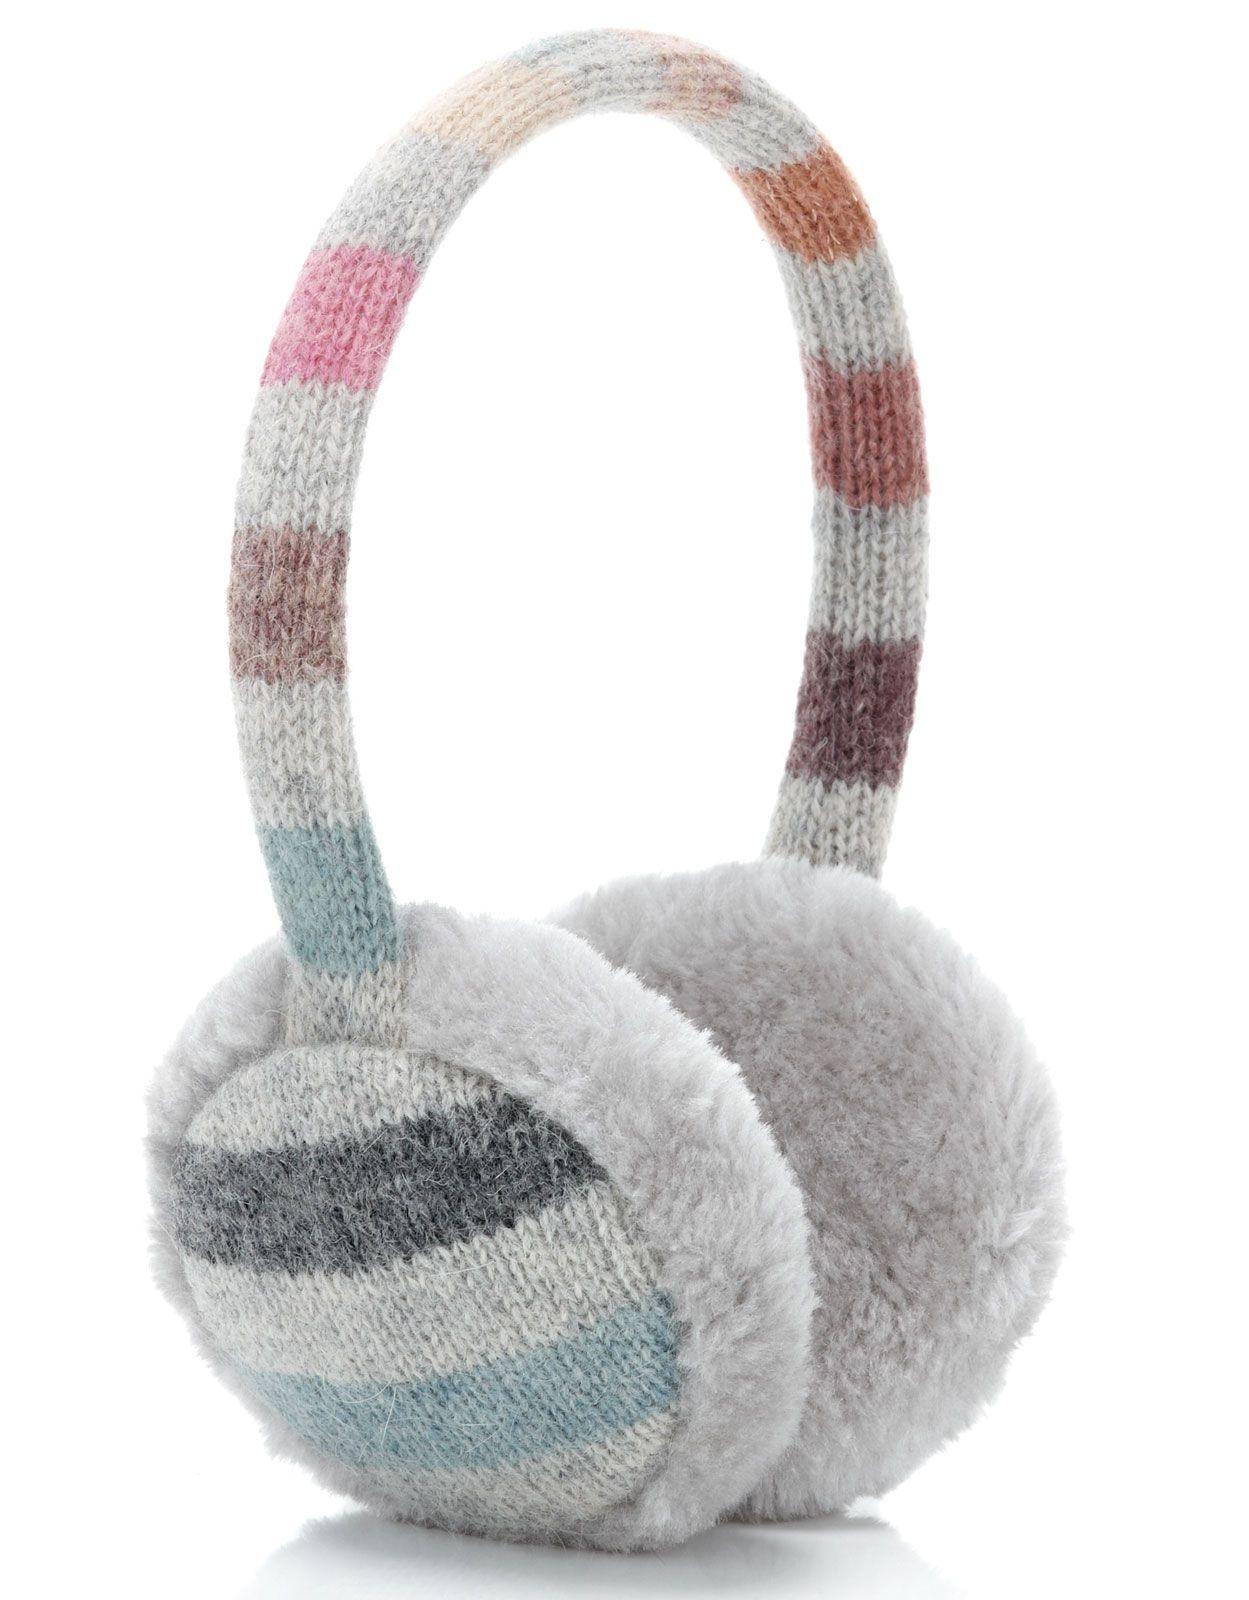 Ohrwärmer Winter Ohrenschützer Ohrenwärmer Earmuffs Plüsch Unisex Ohrenklappen